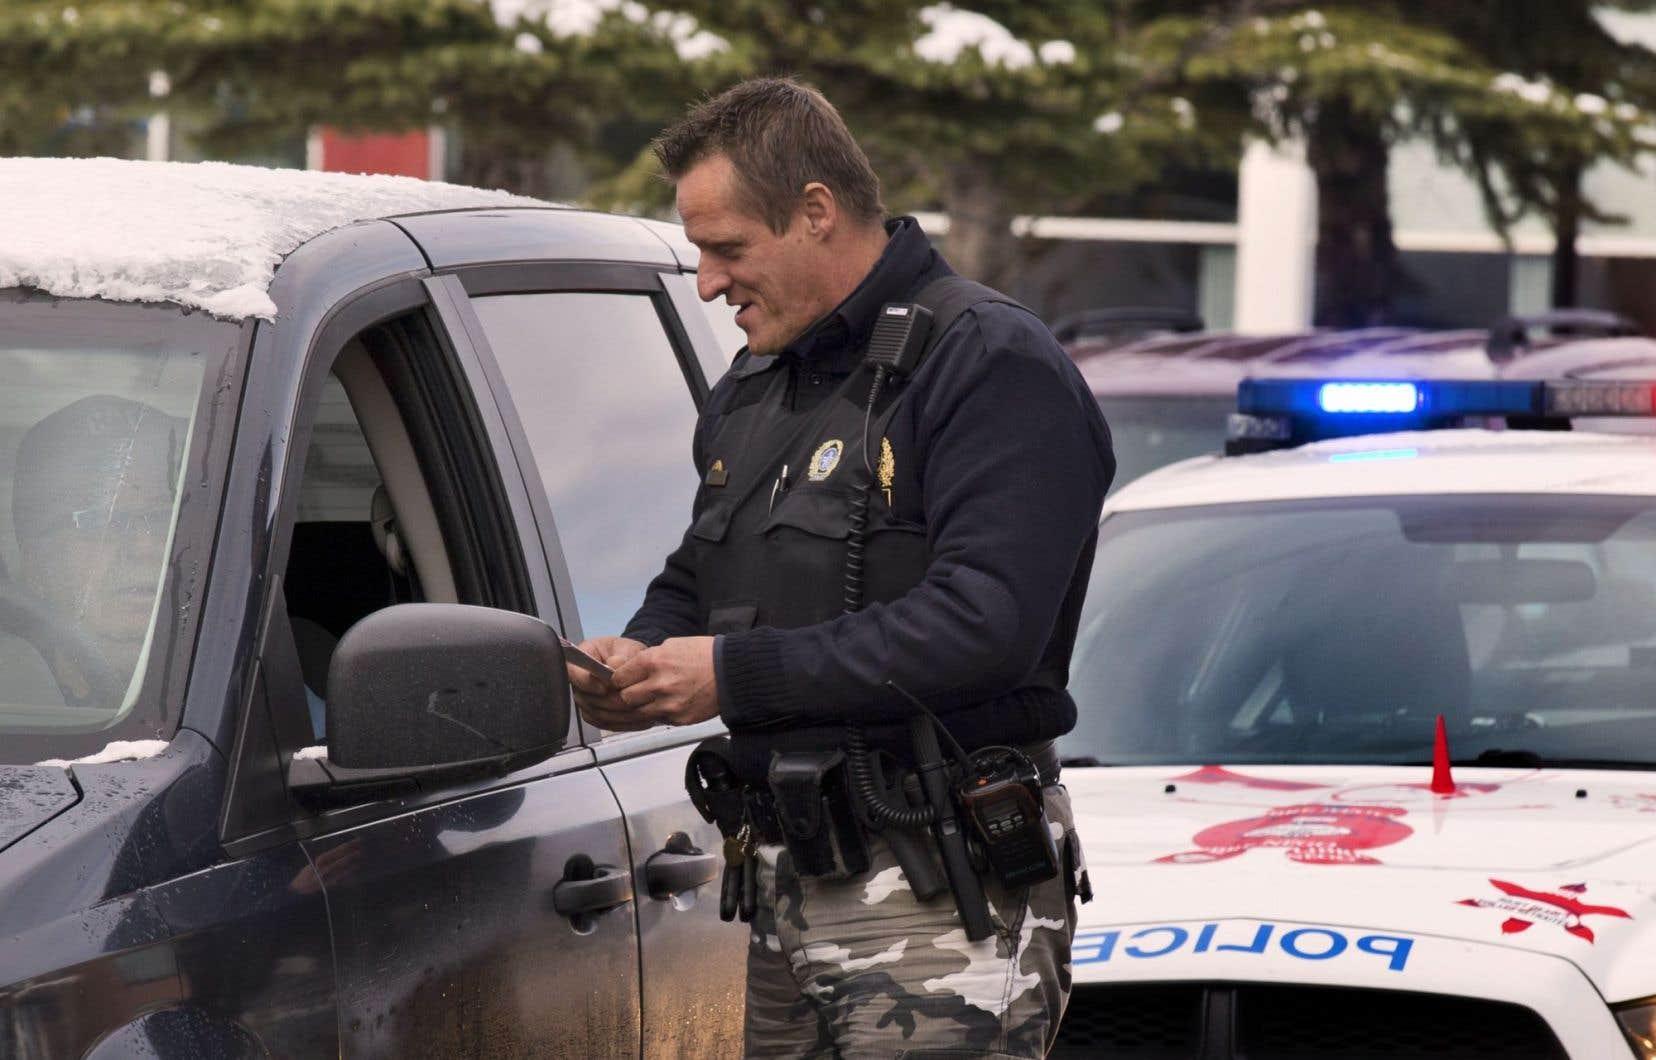 Désormais, un policier qui intercepte un véhicule aura le droit d'exiger un échantillon d'haleine du conducteur pour détecter la présence d'alcool.